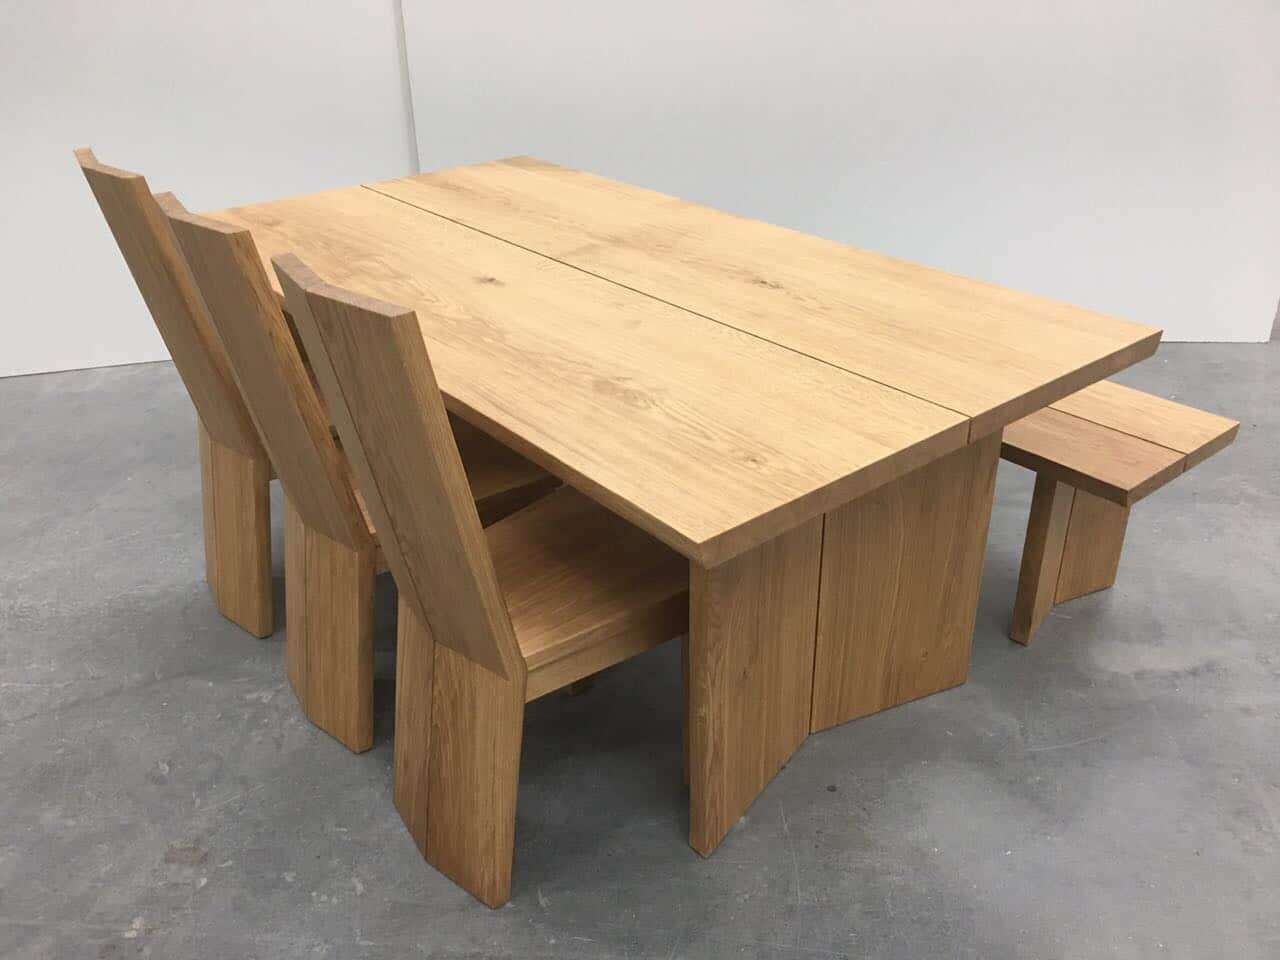 esszimmer eiche massiv hartwachsversiegelt tischlermeister philip sp th in langenfeld. Black Bedroom Furniture Sets. Home Design Ideas